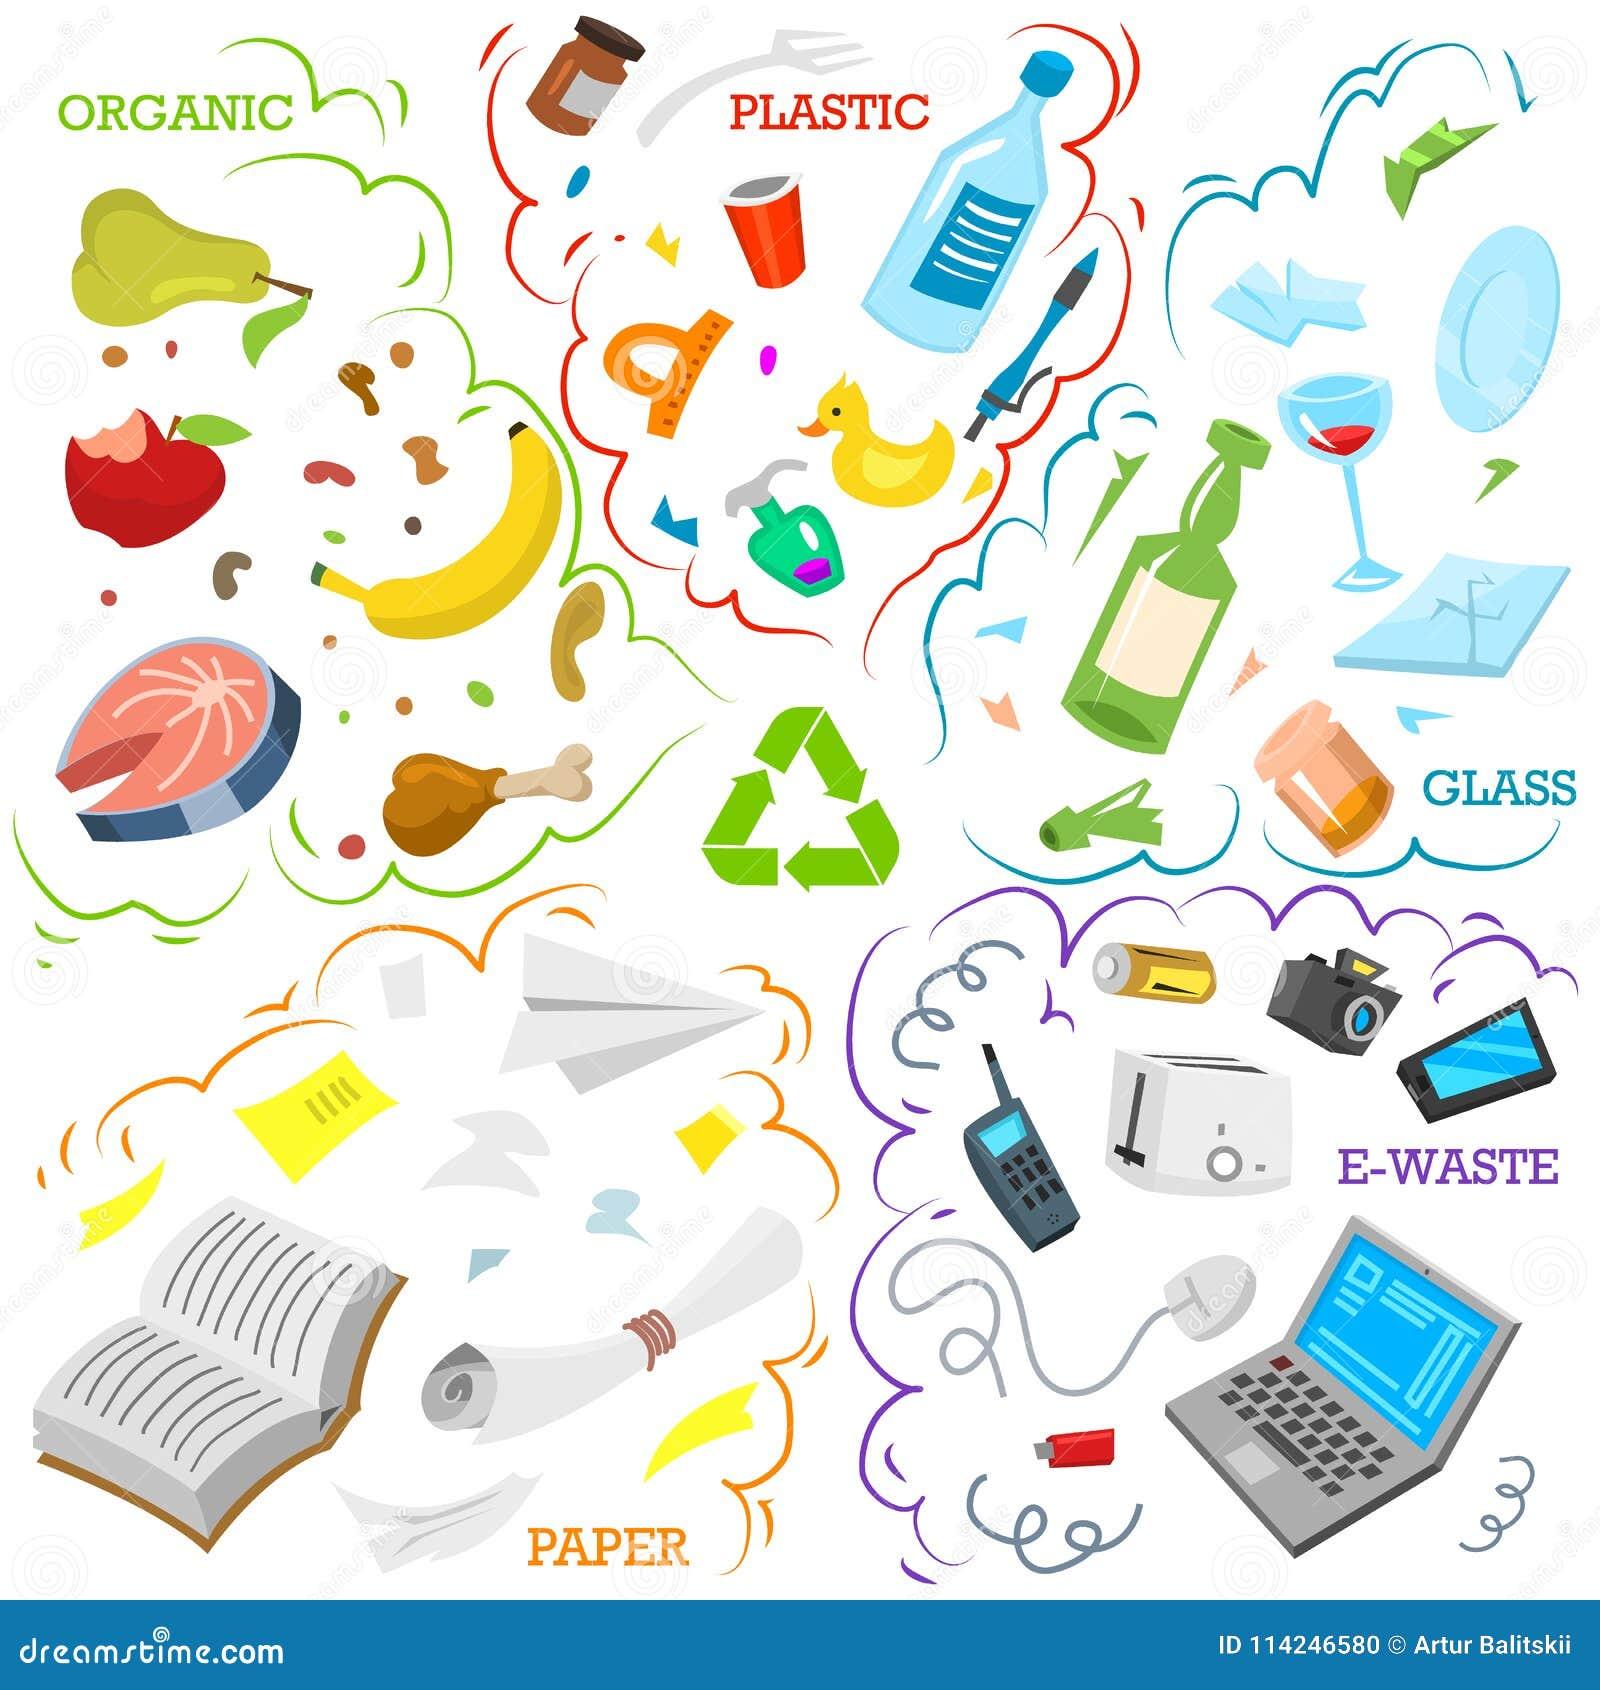 Στοιχεία απορριμάτων ανακύκλωσης Ταξινομώντας και χρησιμοποιήστε τα απόβλητα τροφίμων, μέταλλο, έγγραφο, πλαστικό, μπαταρία, γυαλ